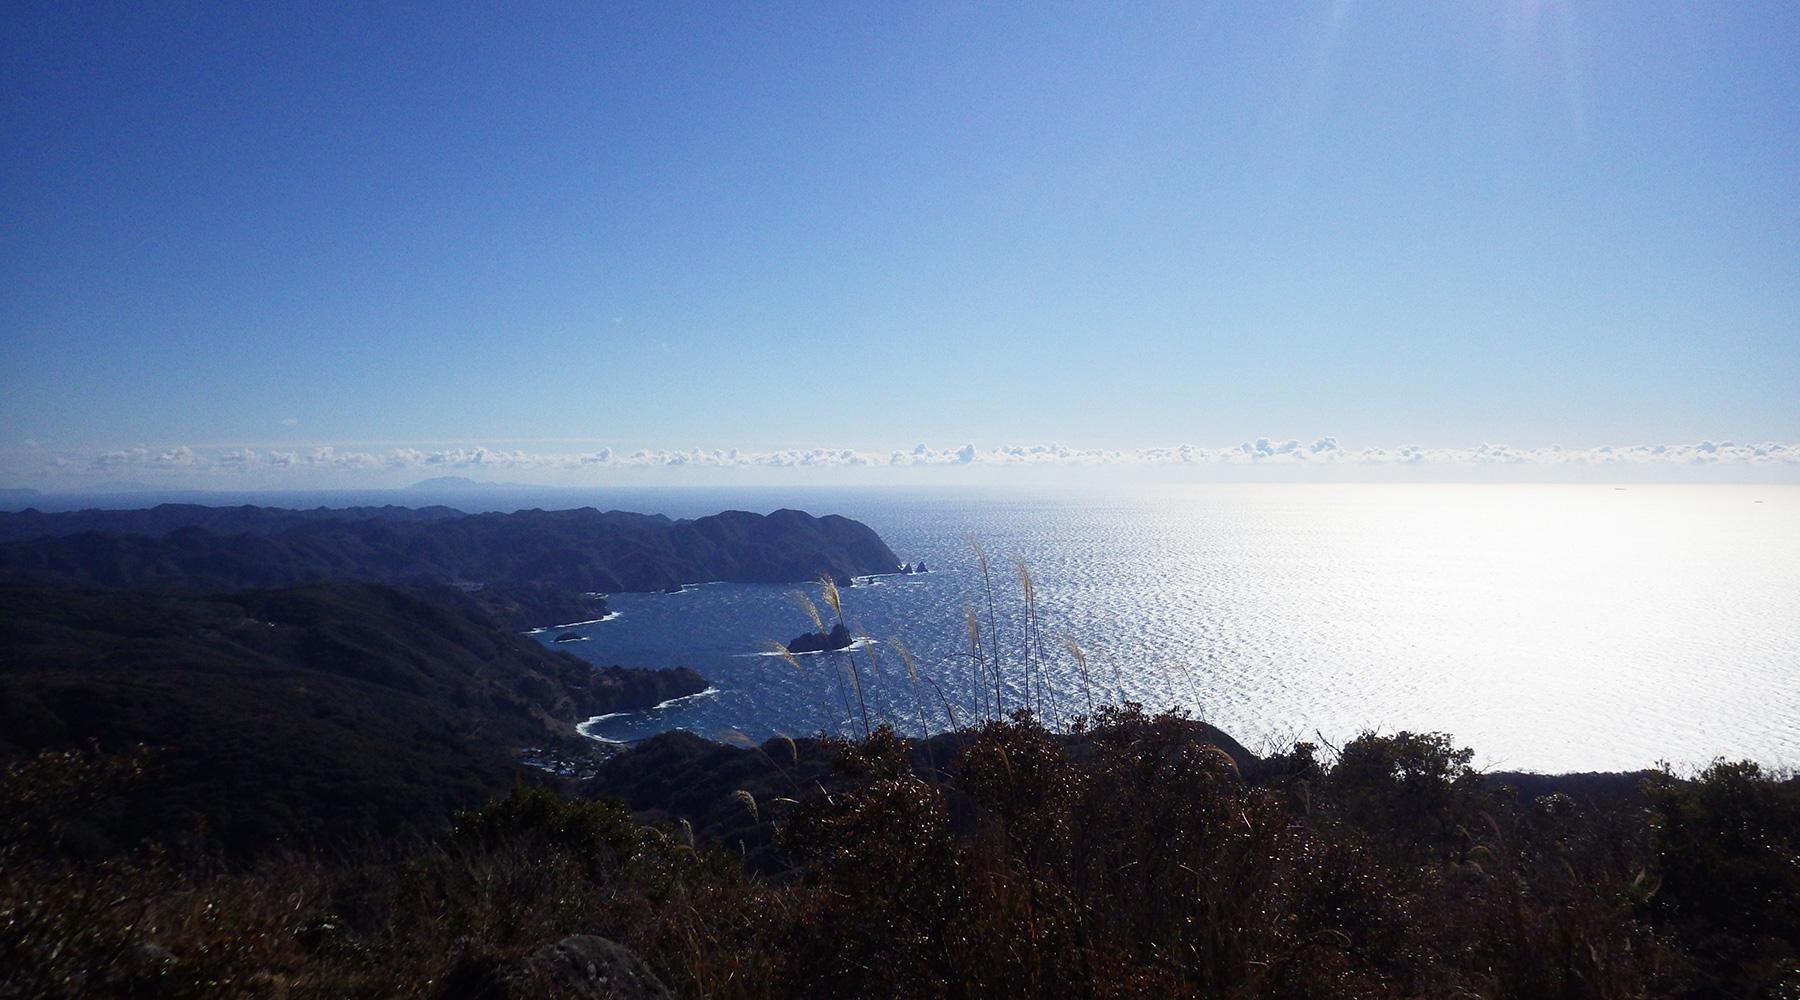 高通山からの眺望